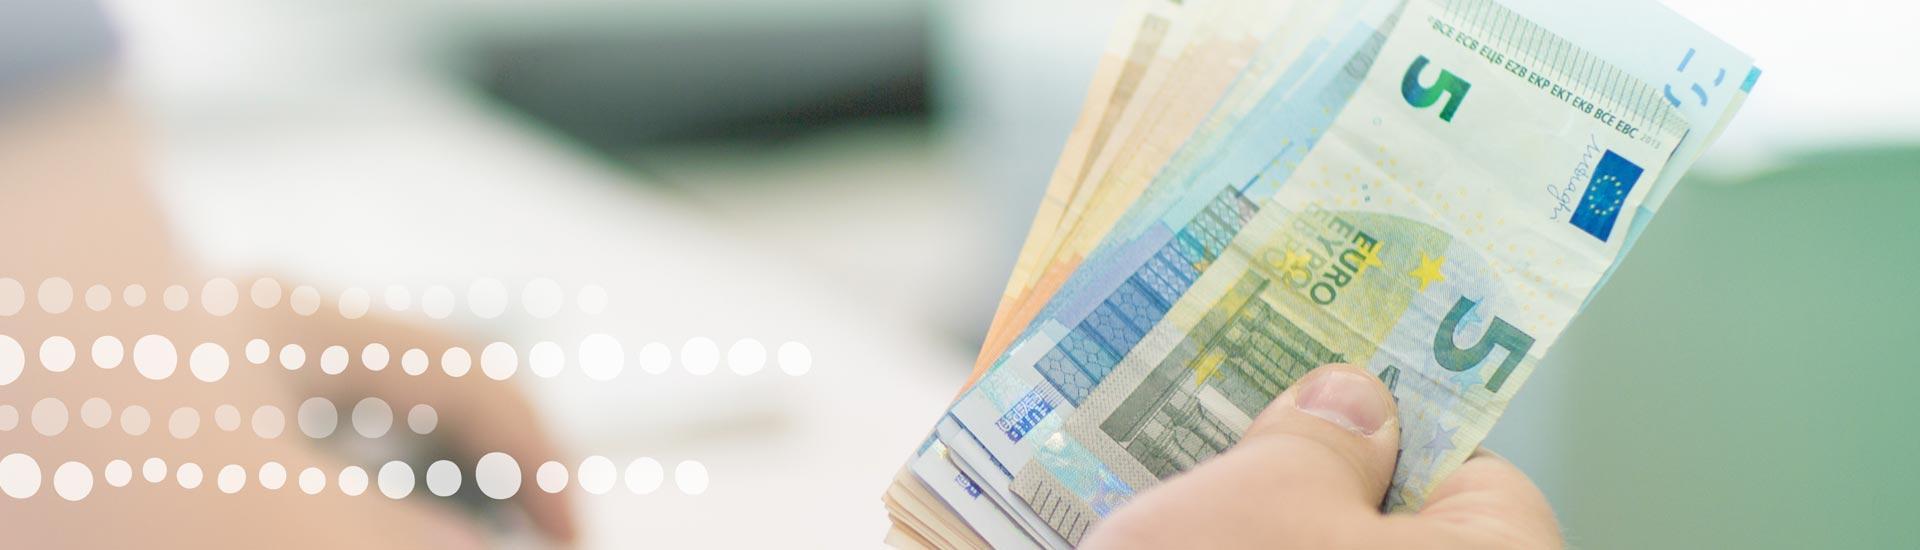 Oma Onni - Töysän Säästöpankkisäätiö